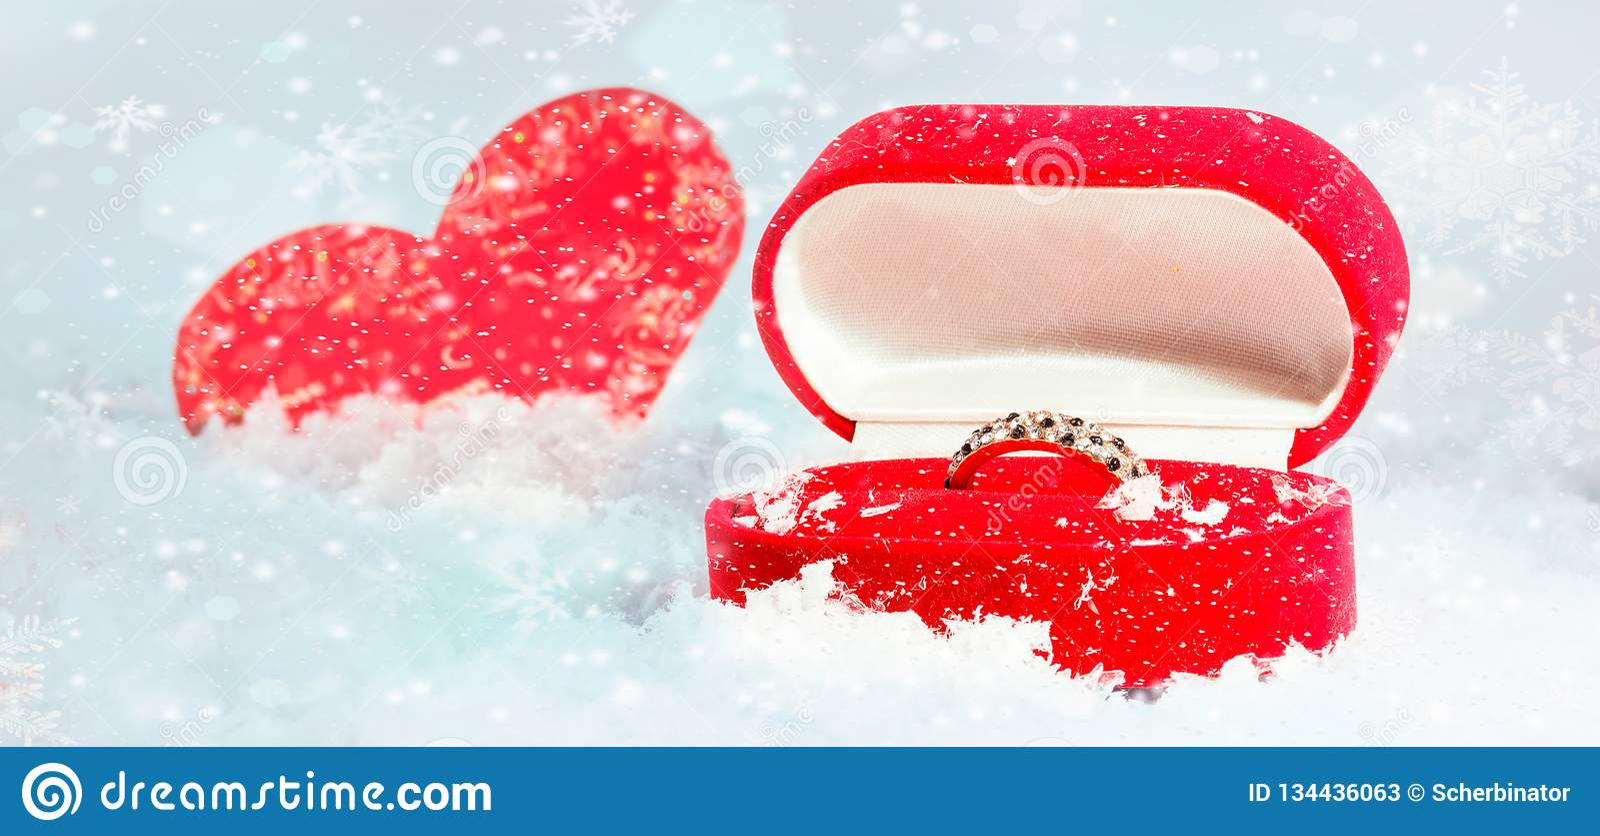 αγάπη, πρόταση, ημέρα βαλεντίνων και έννοια διακοπών - κλείστε επάνω του κιβωτίου δώρων με το δαχτυλίδι αρραβώνων διαμαντιών και